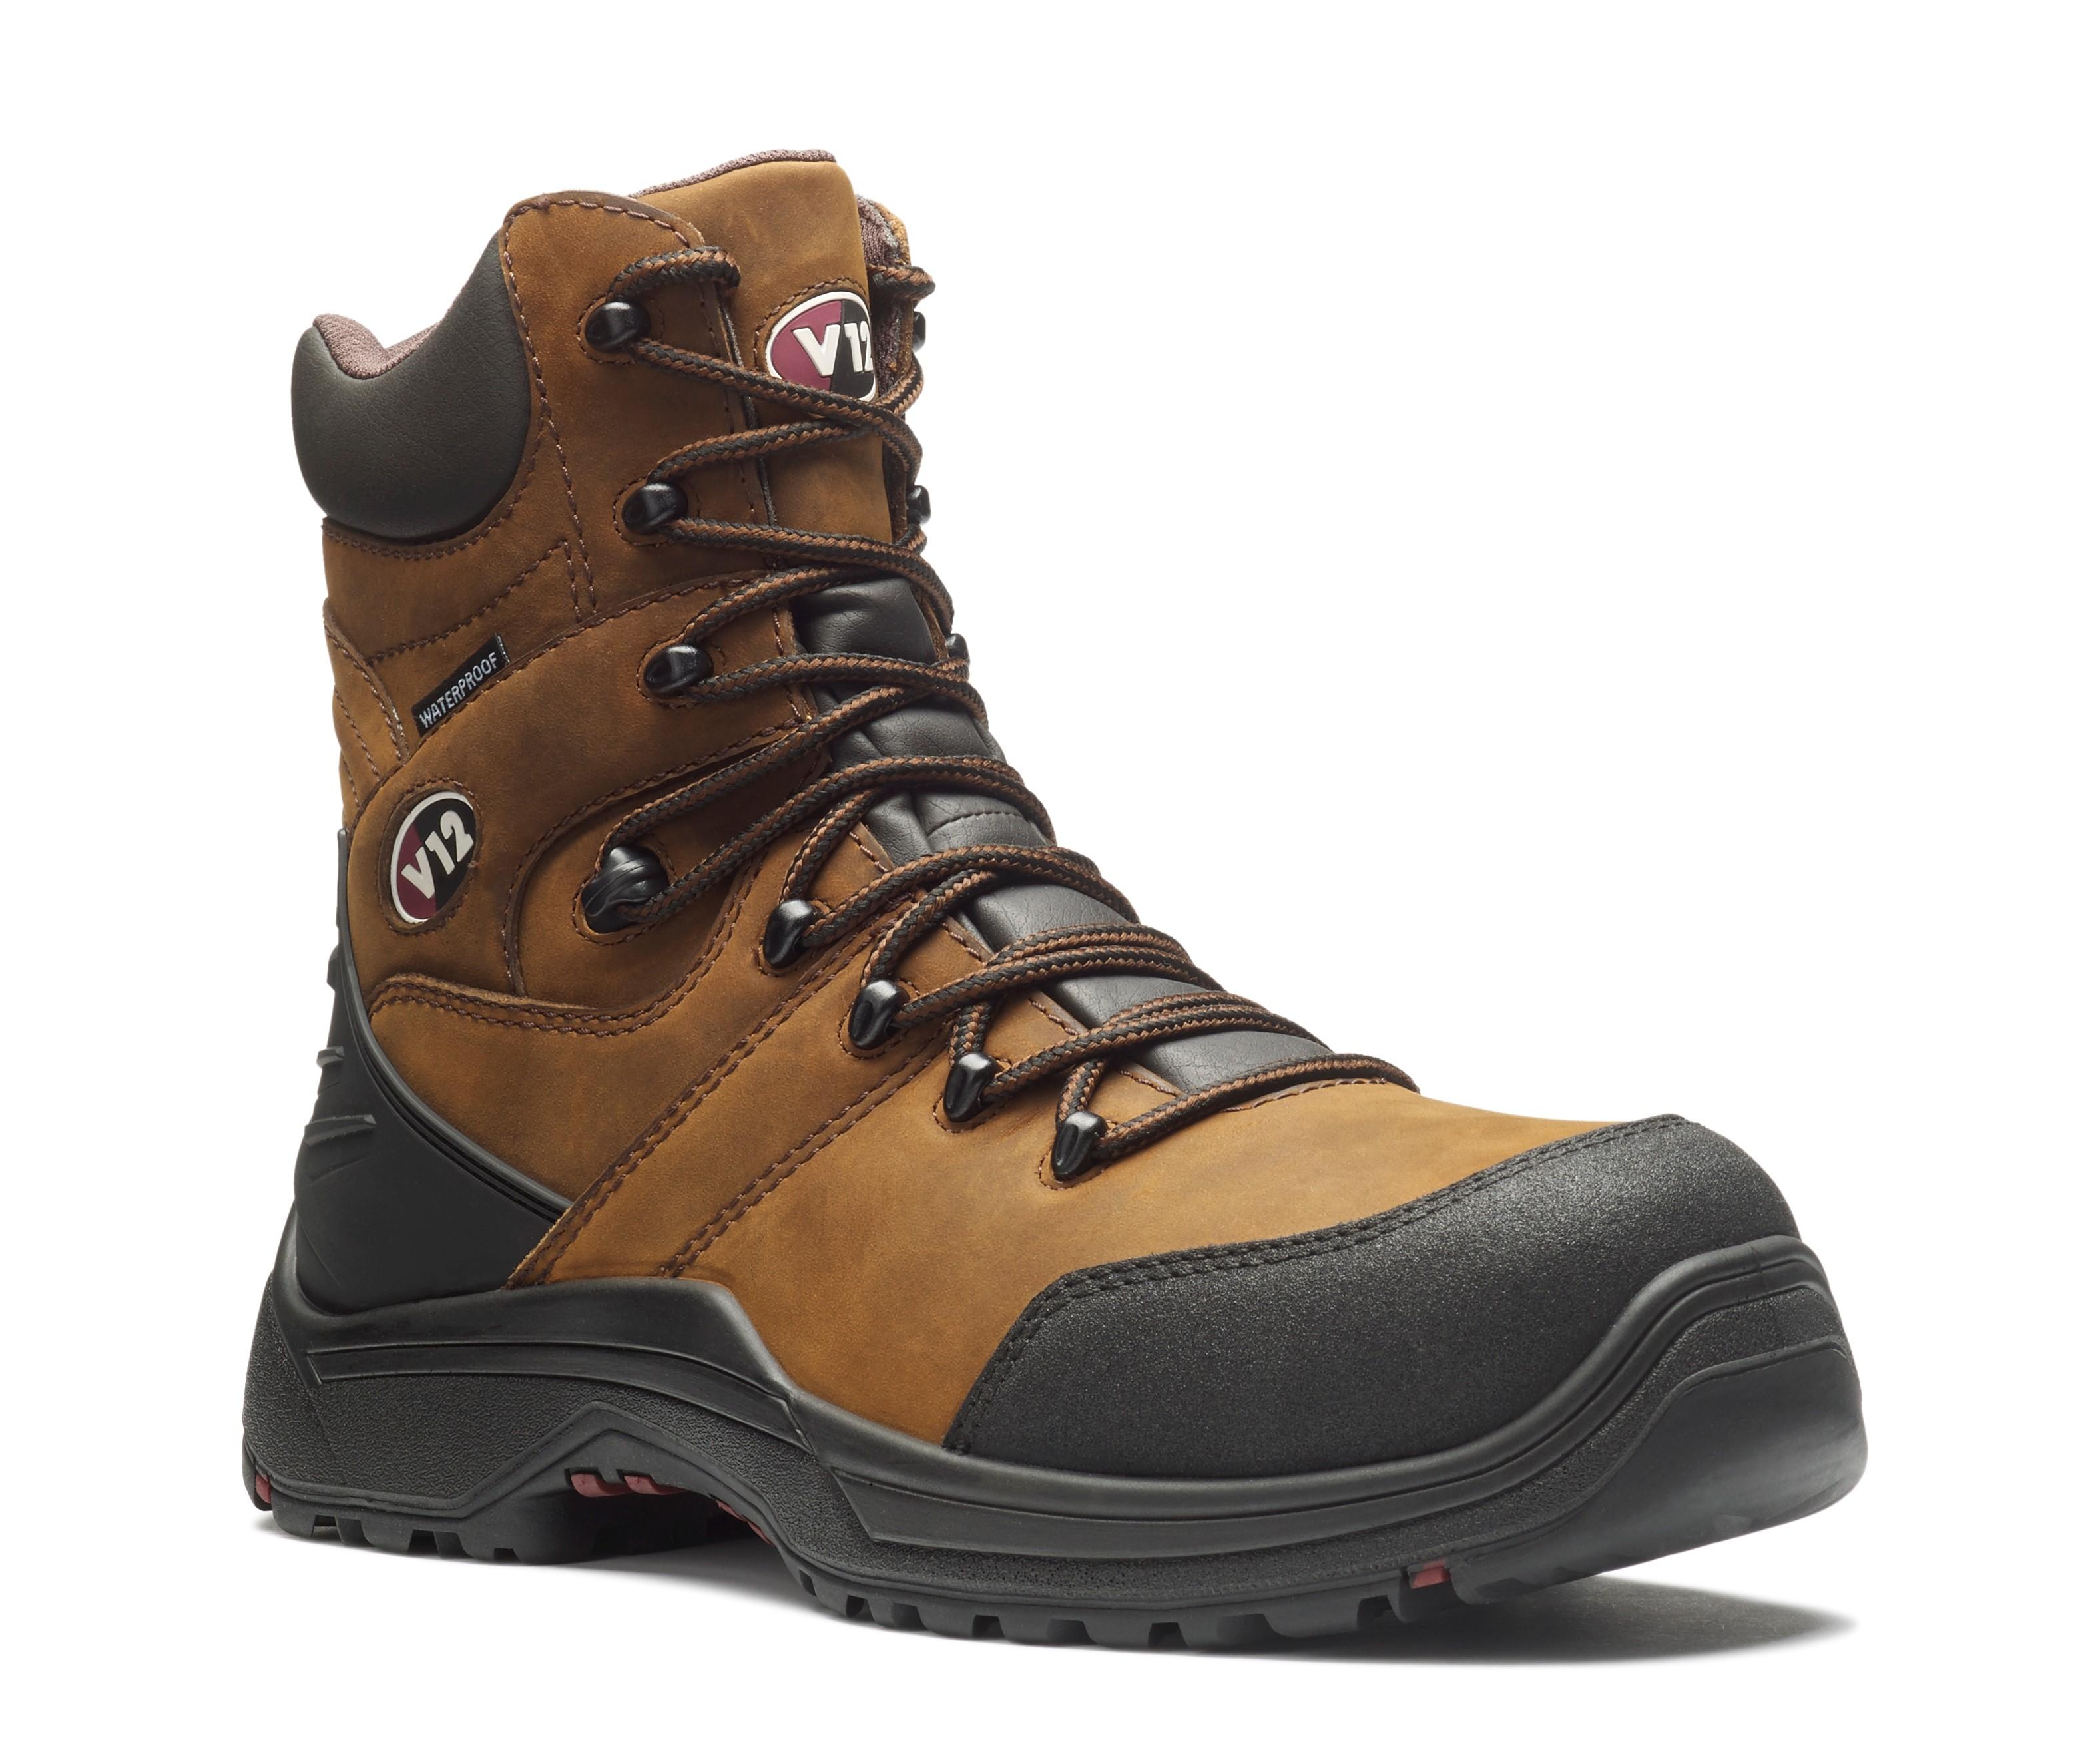 V12 ROCKY IGS Hiker Boot (WATERPROOF + SIDE ZIP)